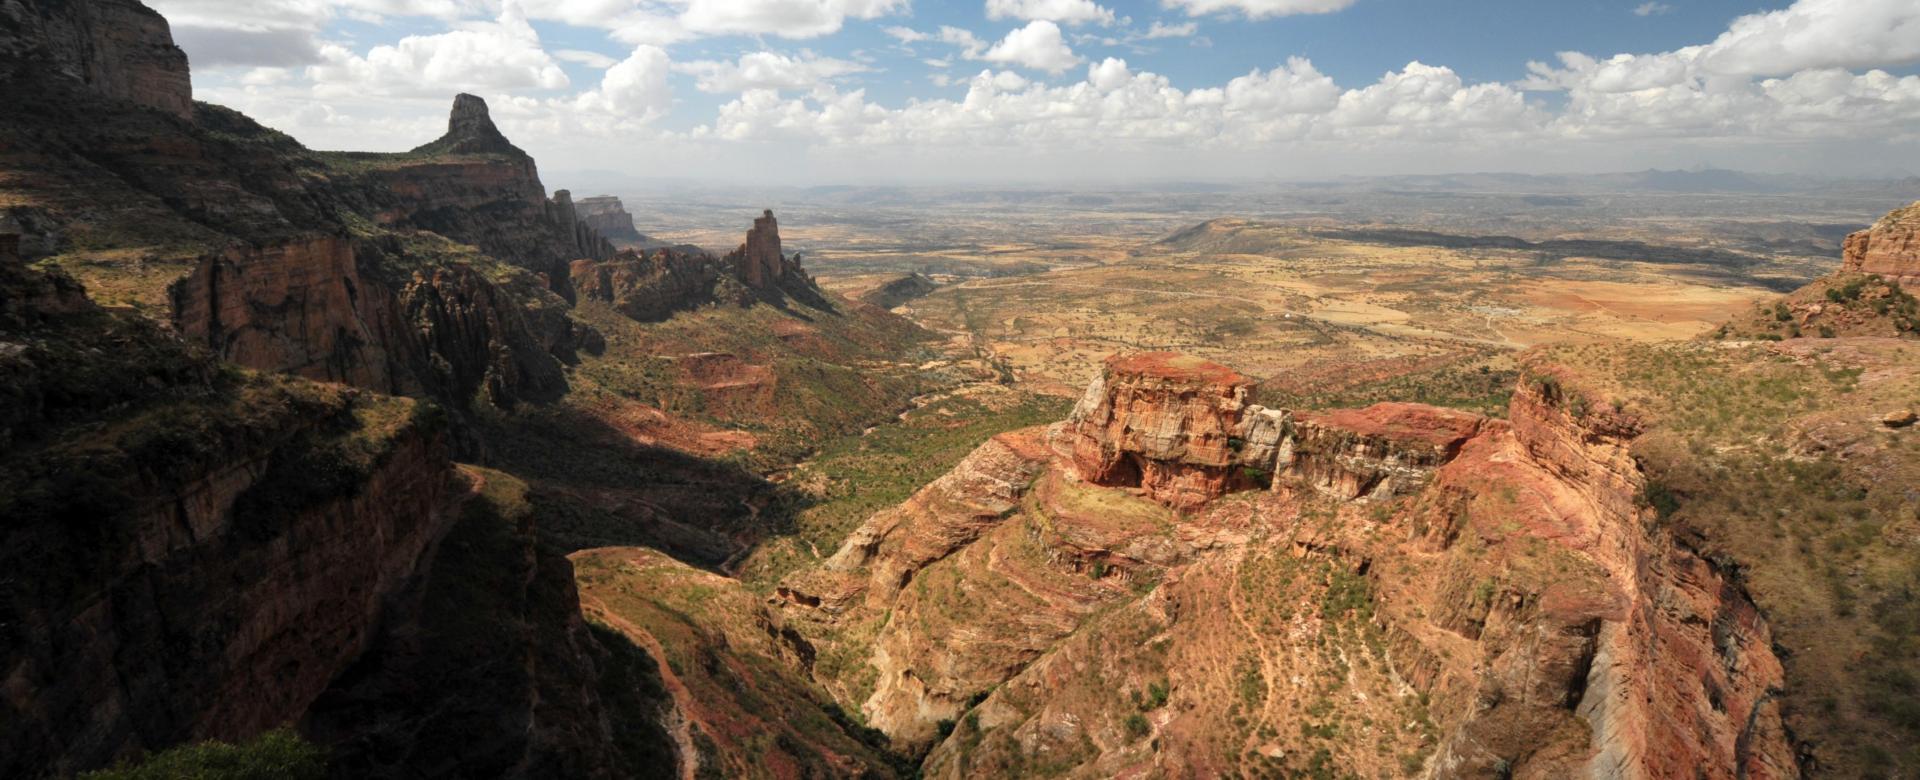 Voyage à pied Ethiopie : Lalibela, volcans afars et traversée du tigré